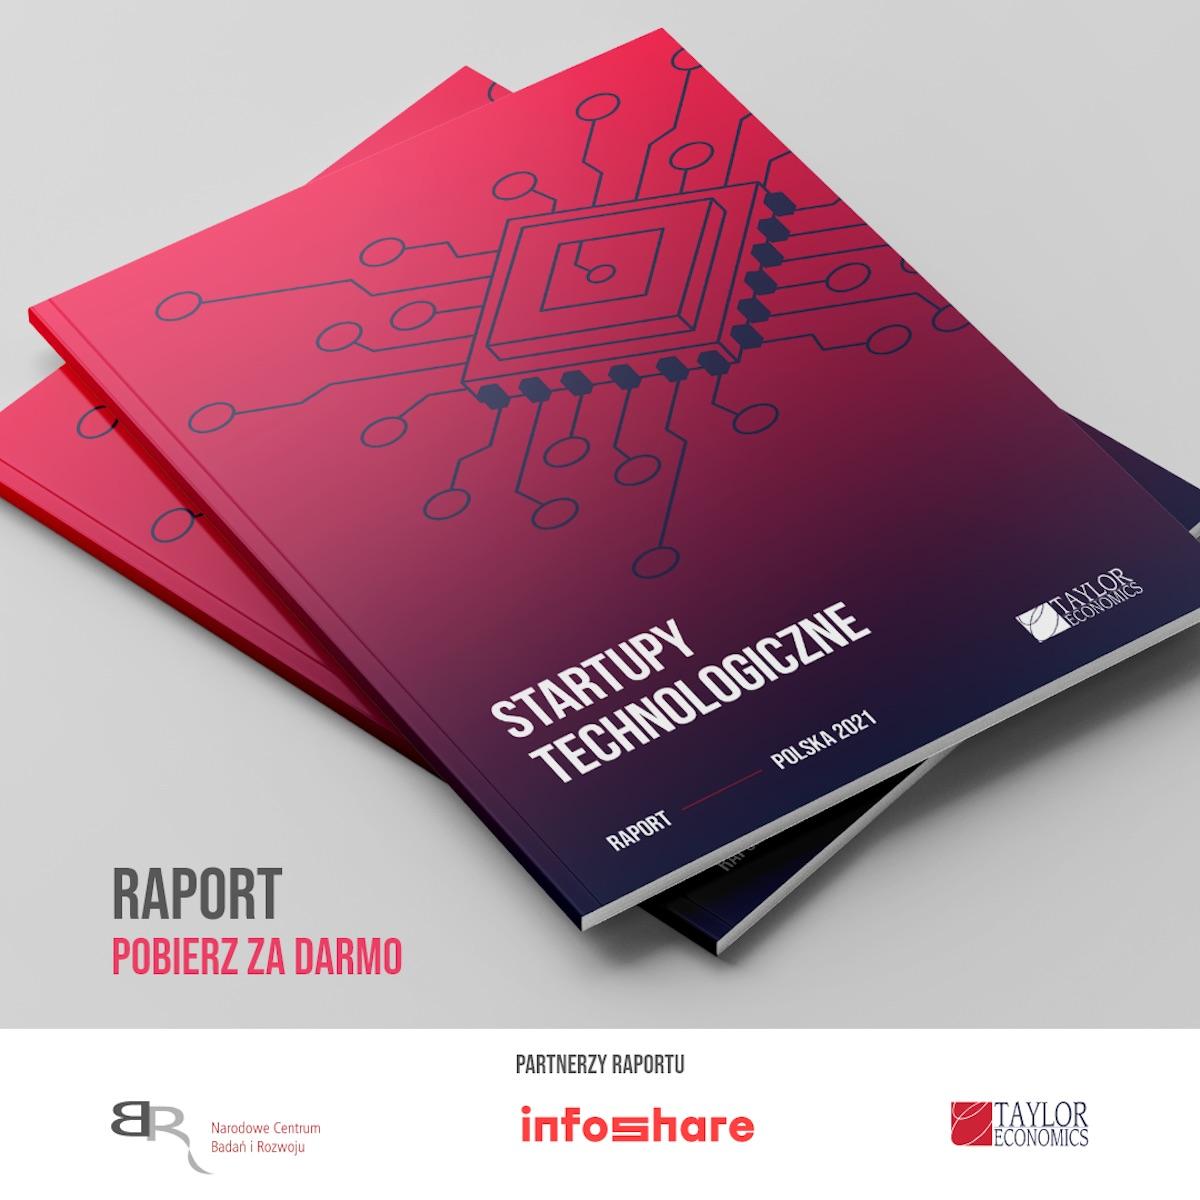 Co znajdziesz w raporcie Startupy technologiczne?